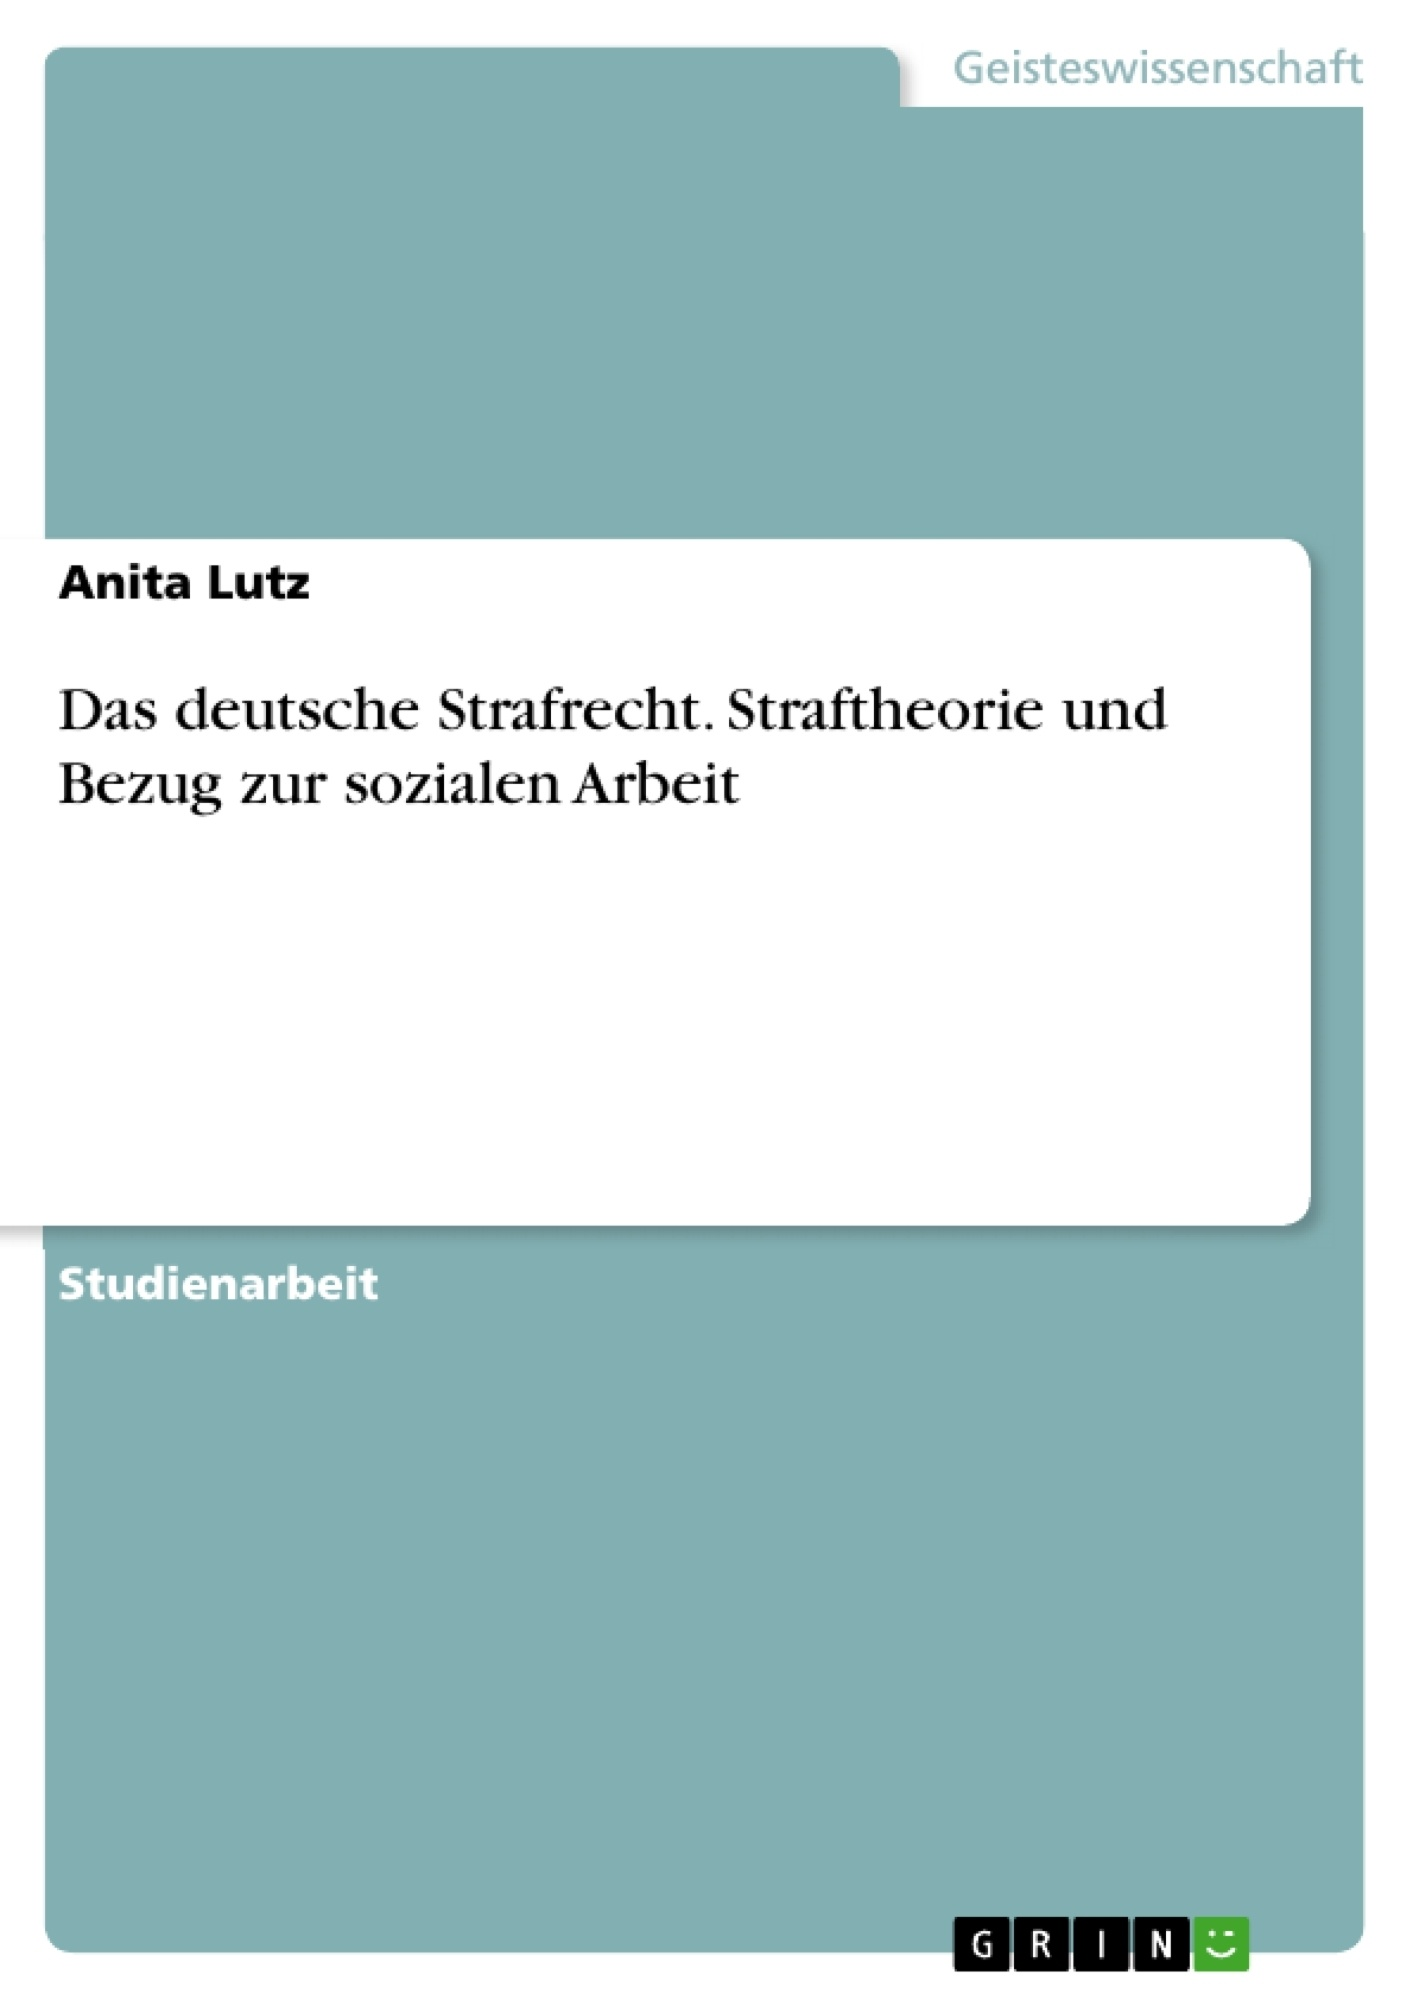 Titel: Das deutsche Strafrecht. Straftheorie und Bezug zur sozialen Arbeit